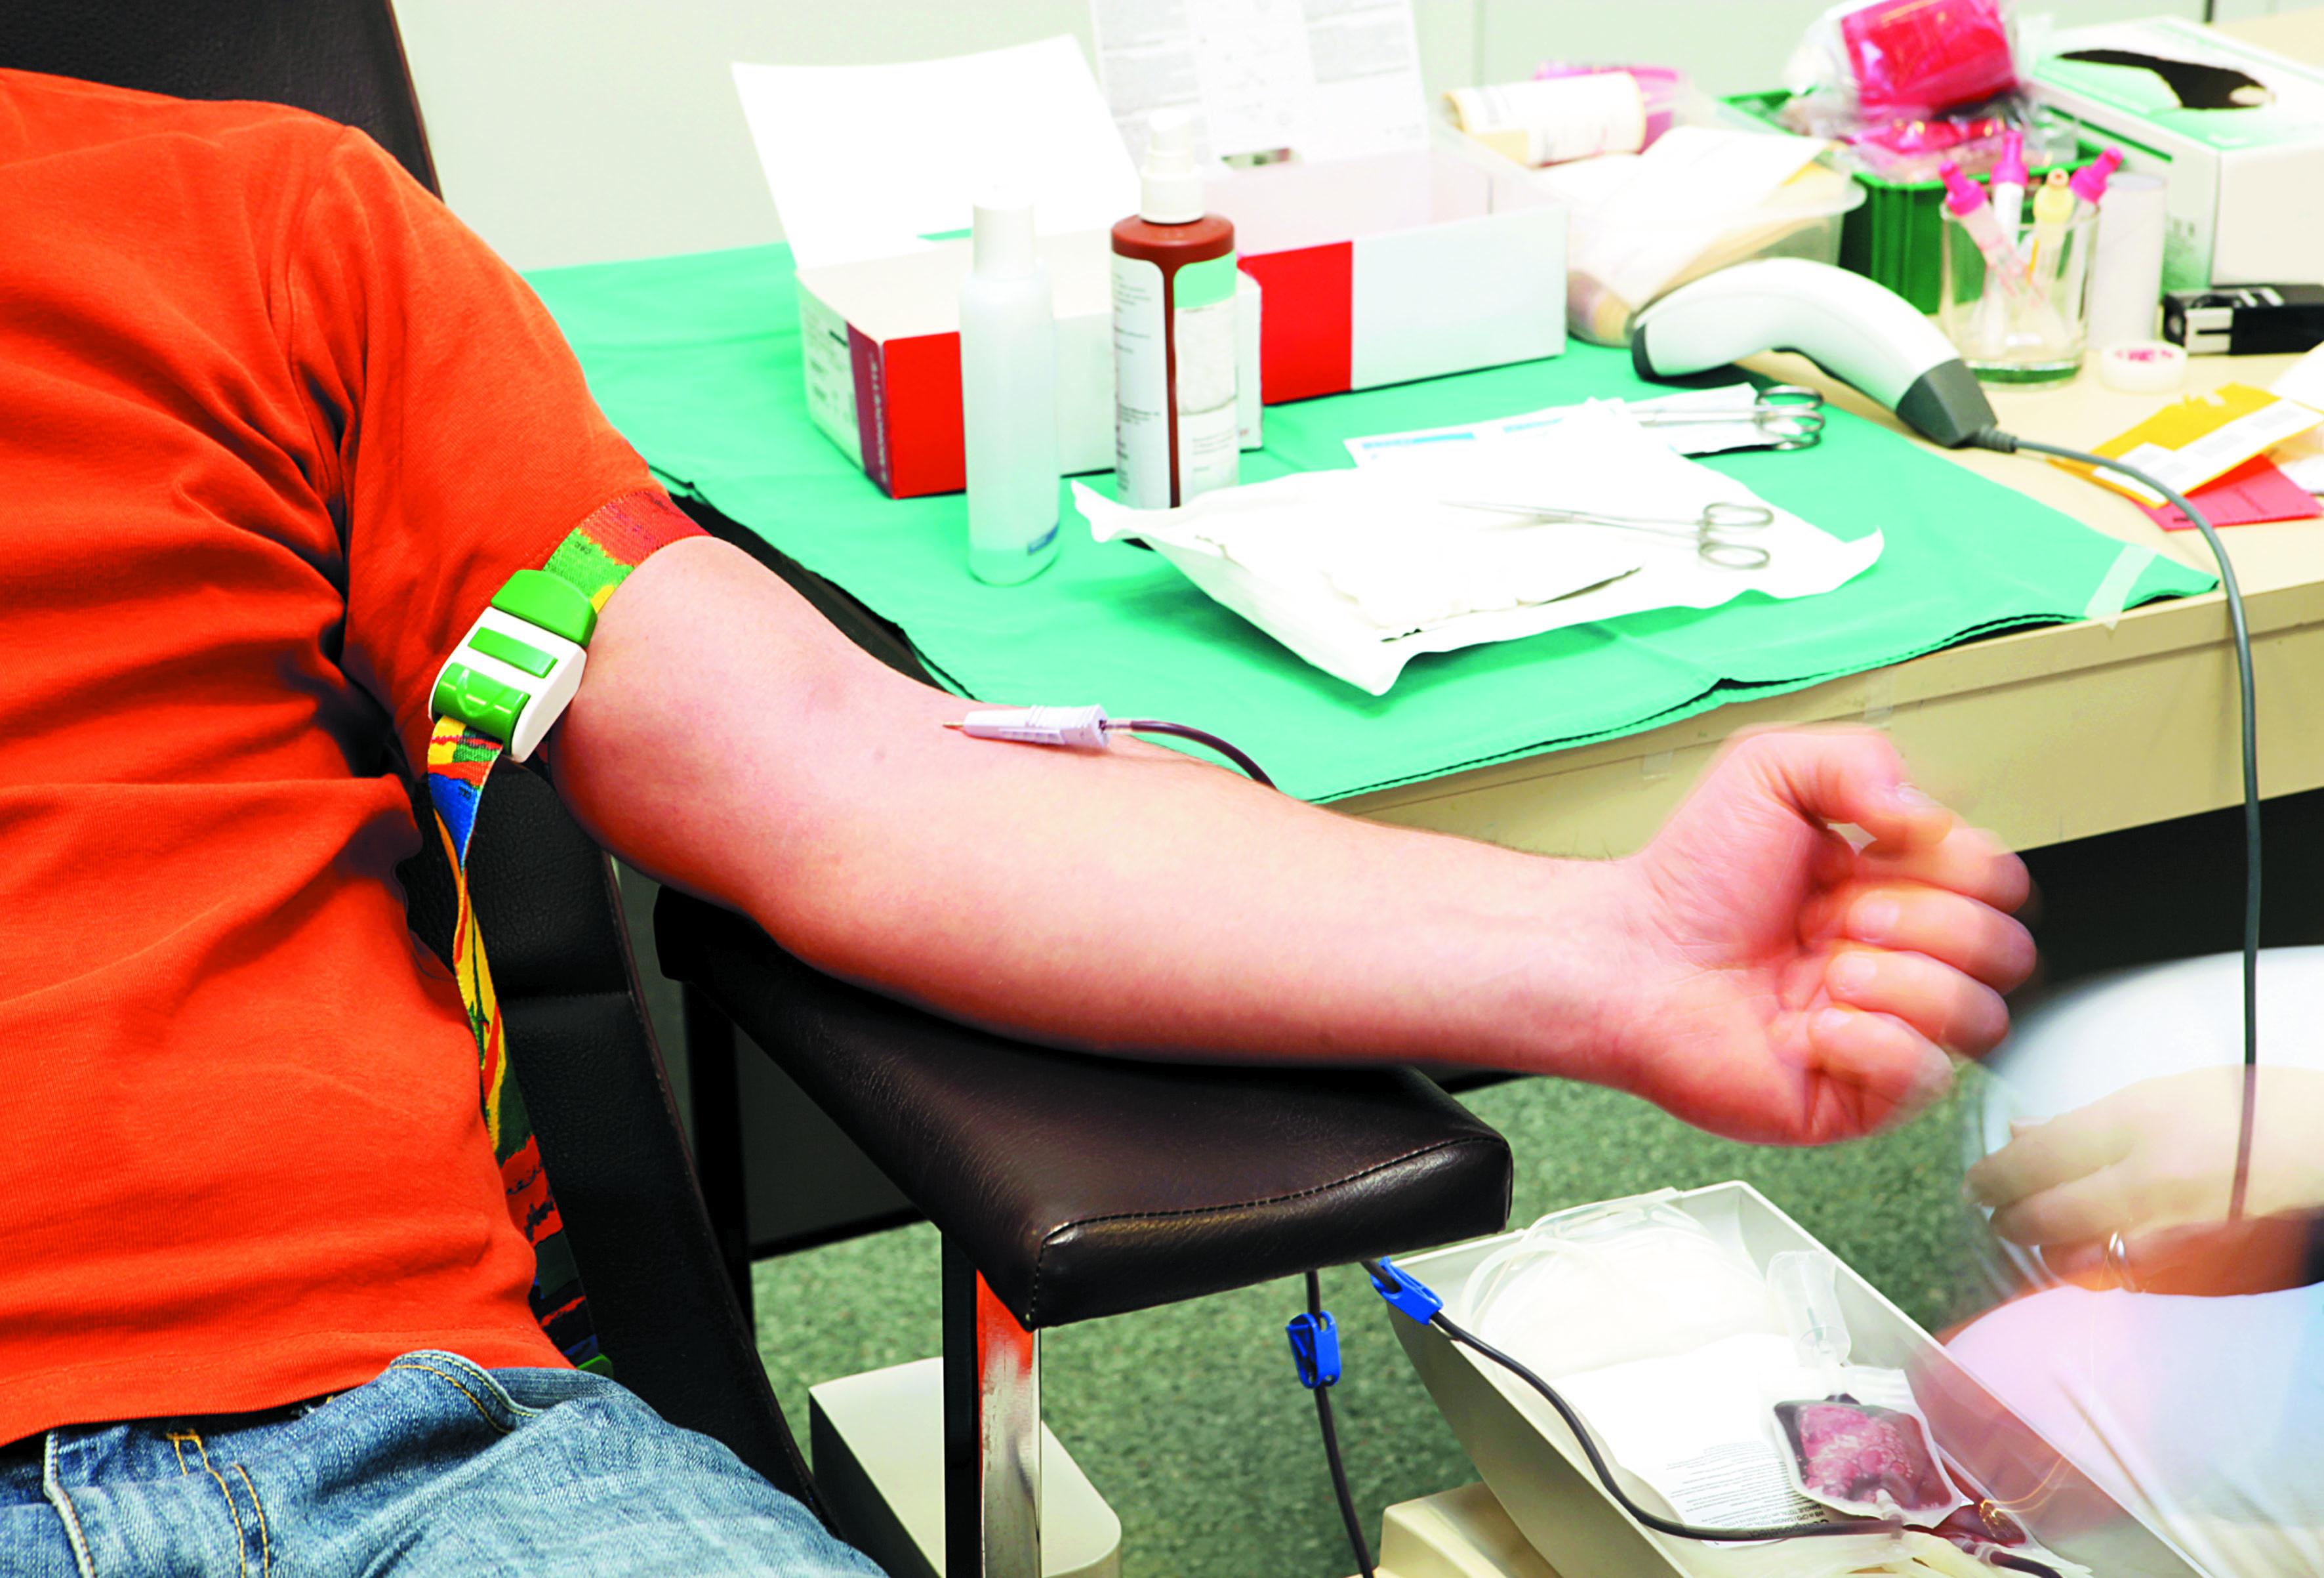 Le Centre national de transfusion sanguine déplore un déficit de 35.000 poches de sang